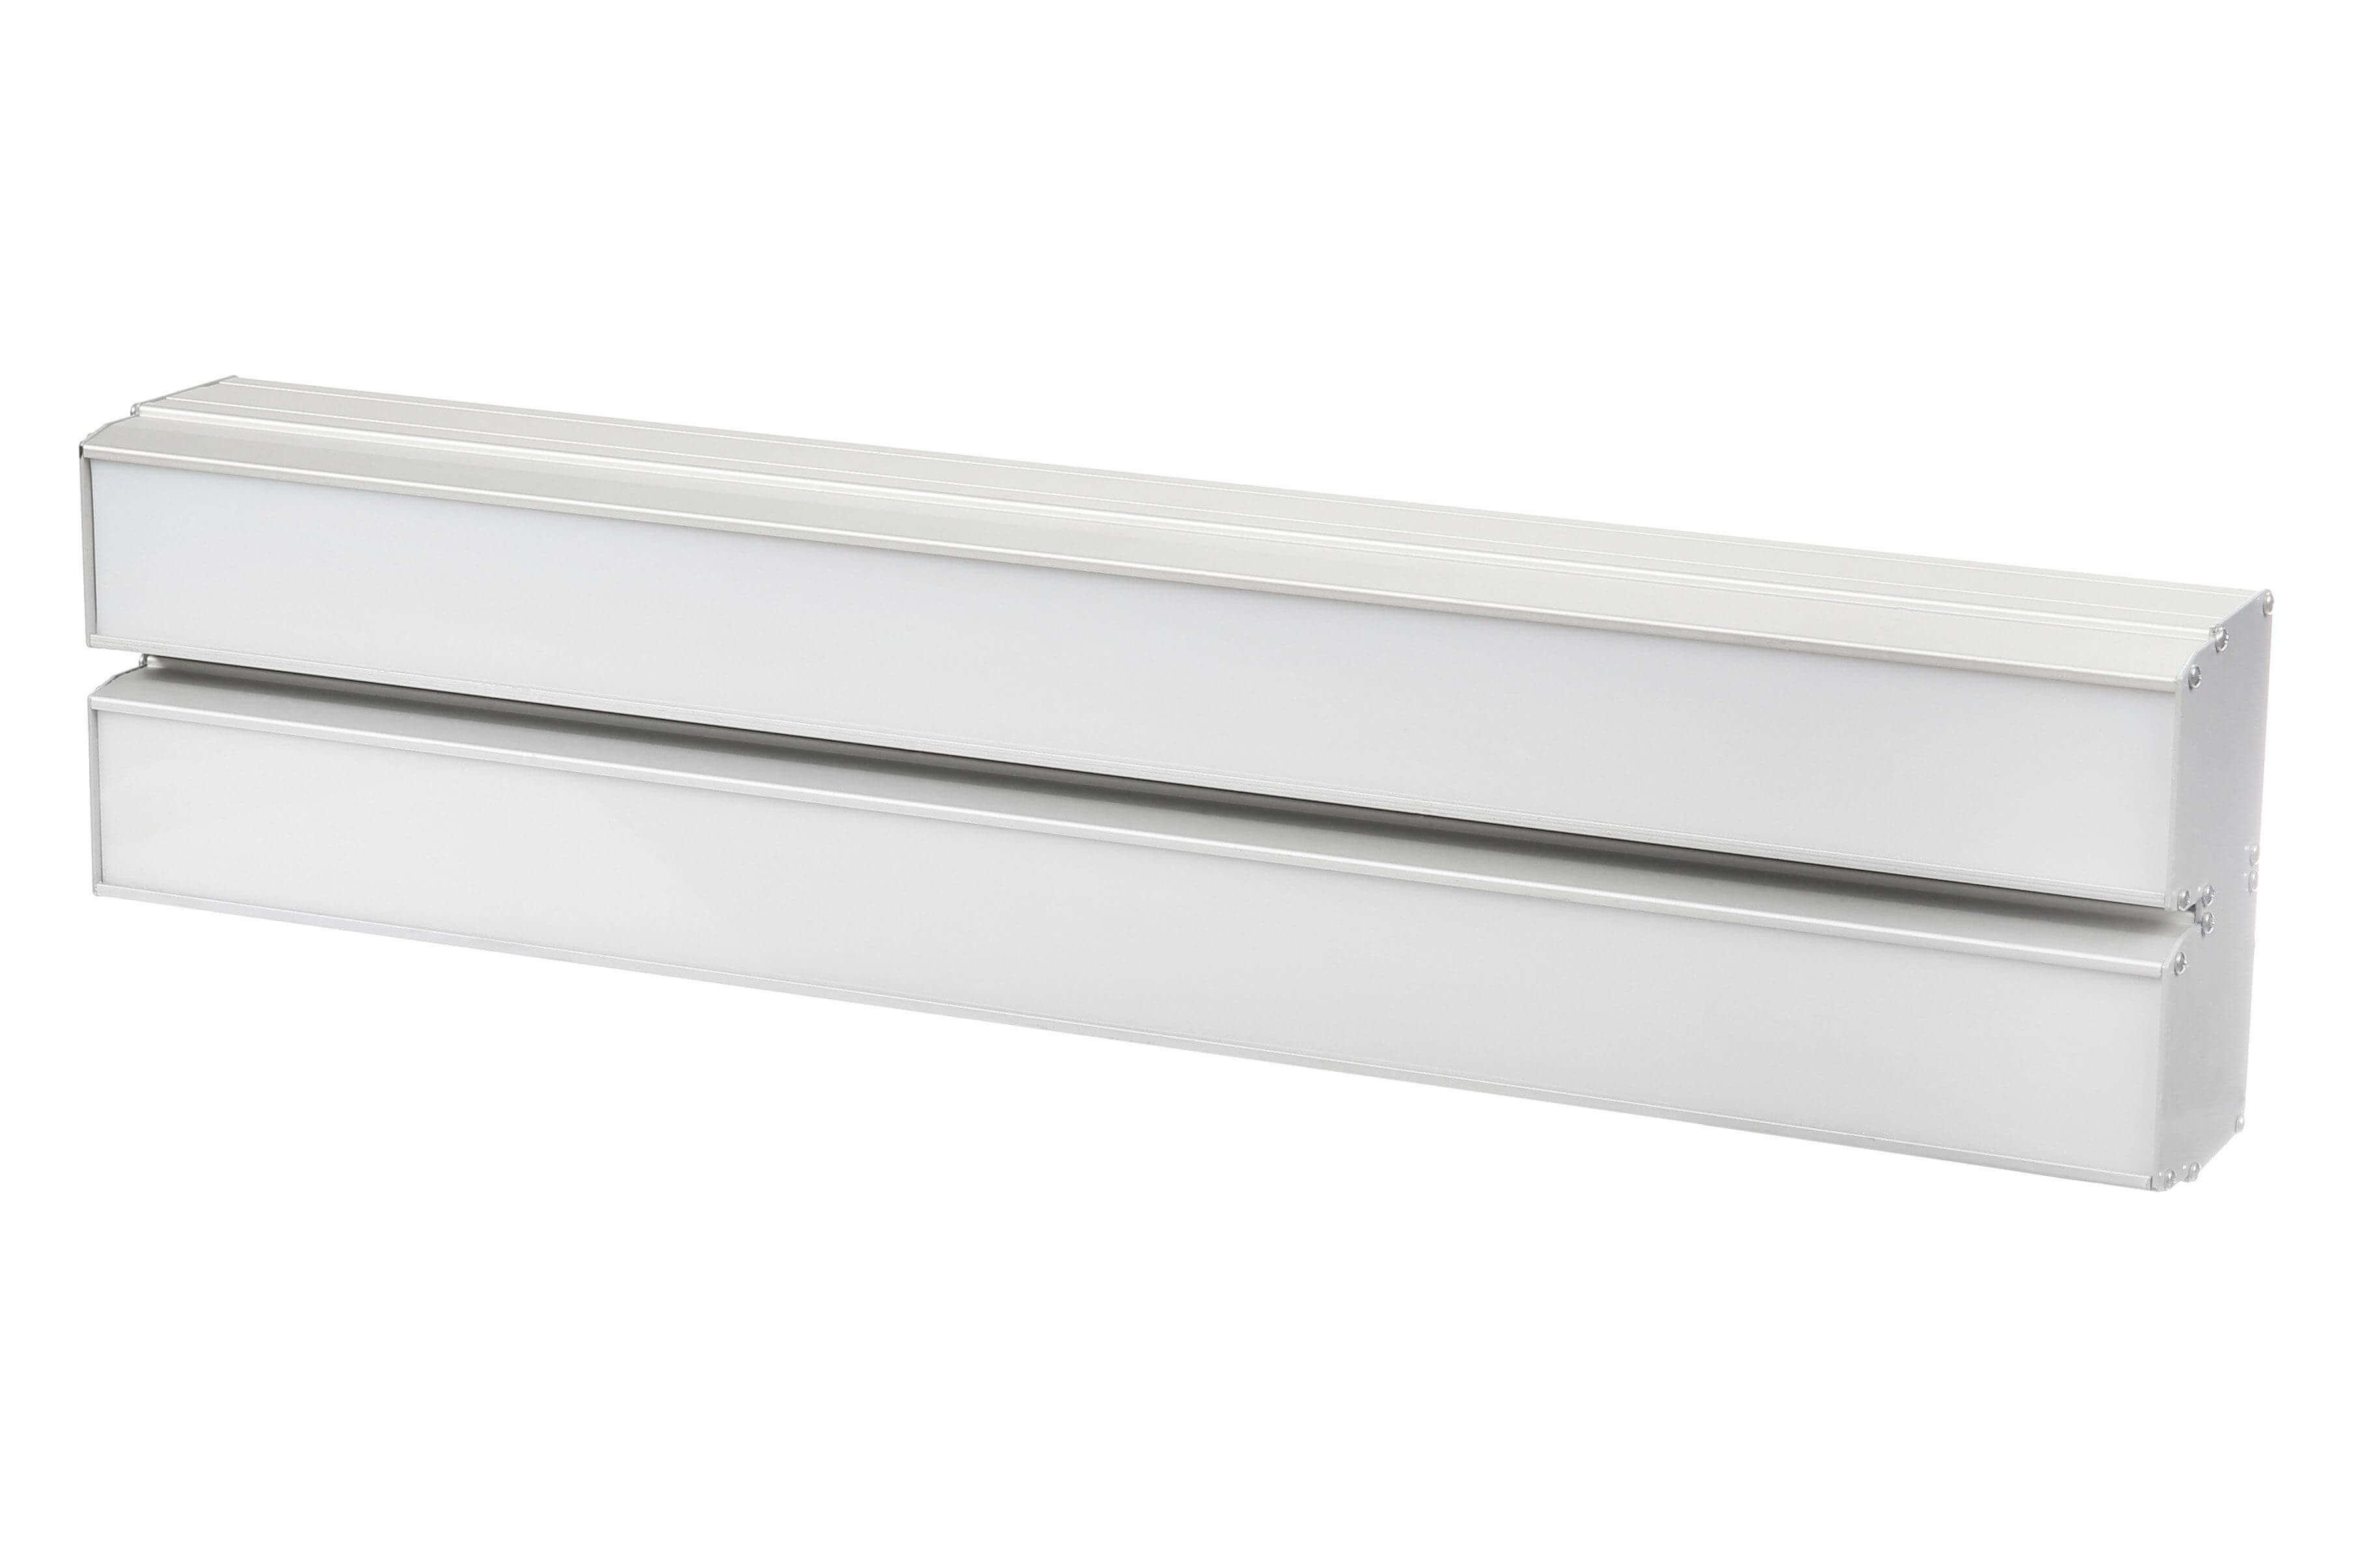 Светодиодный светильник LEDcraft LC-120-2PR-DW 120 Ватт IP20 (1727 мм) Нейтральный Опал